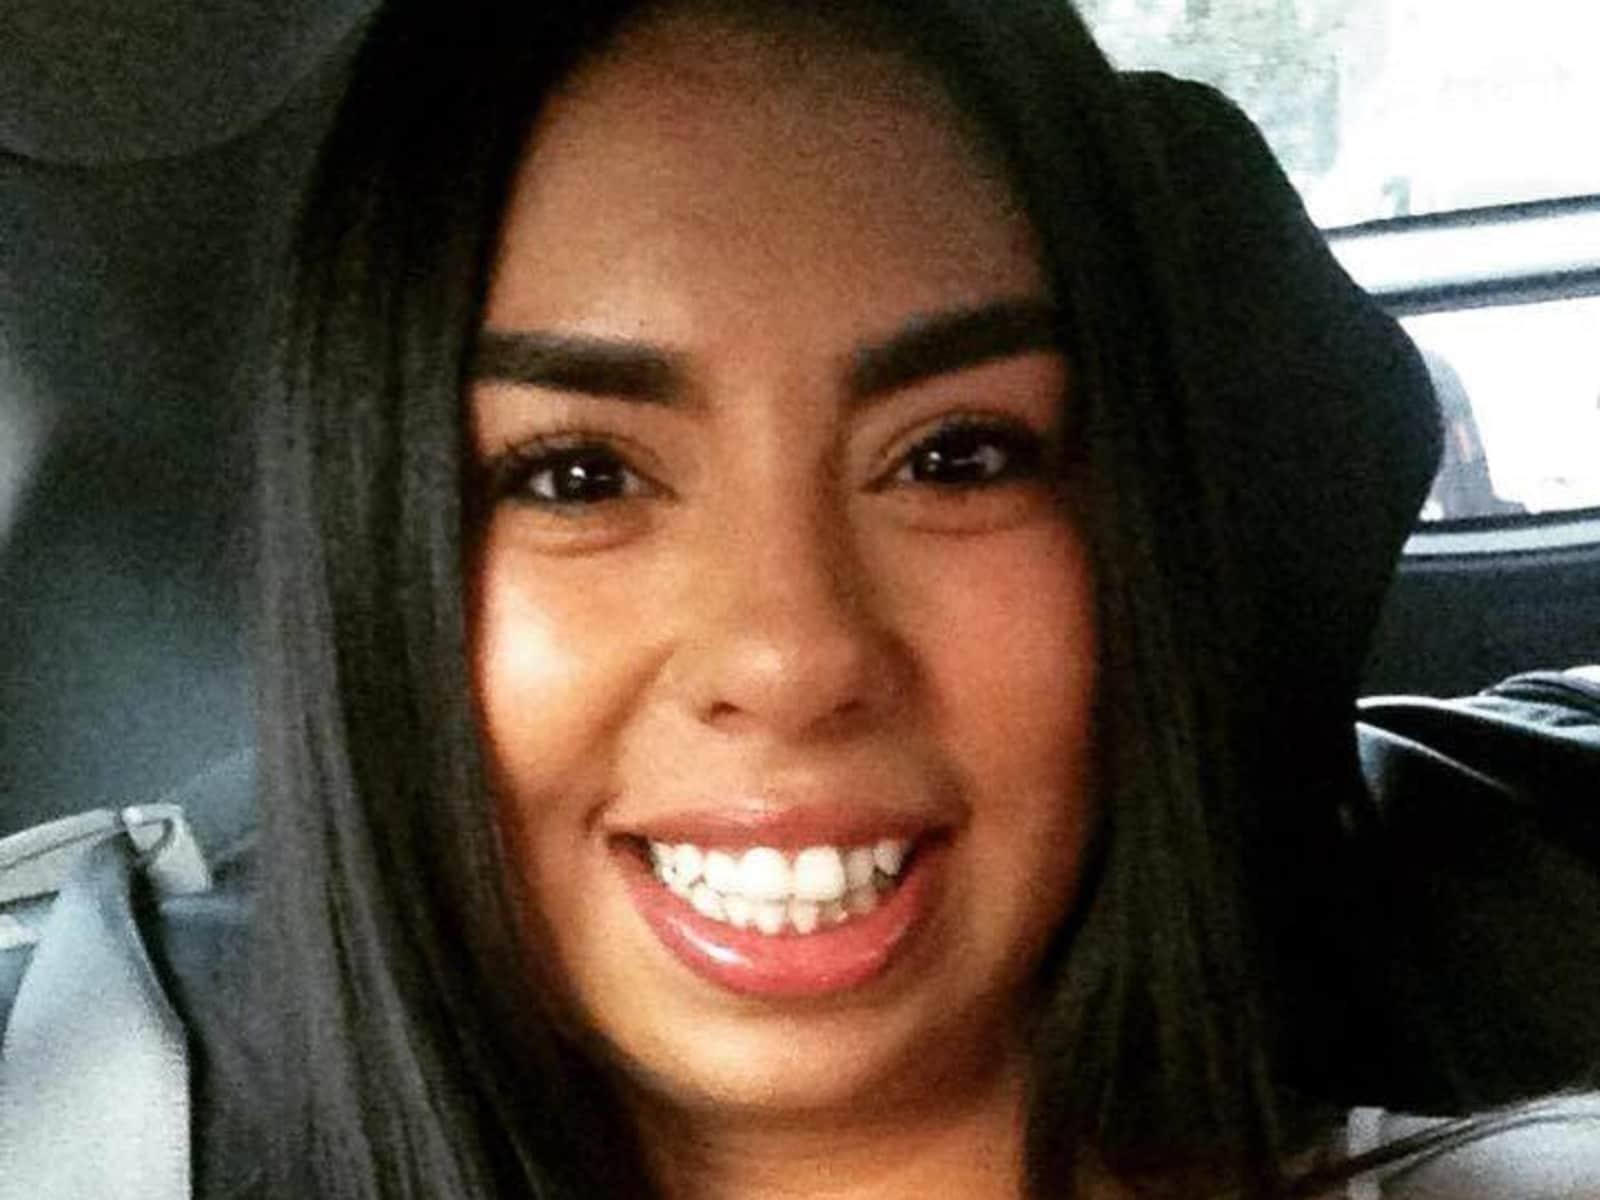 Jillian from Mexico City, Mexico